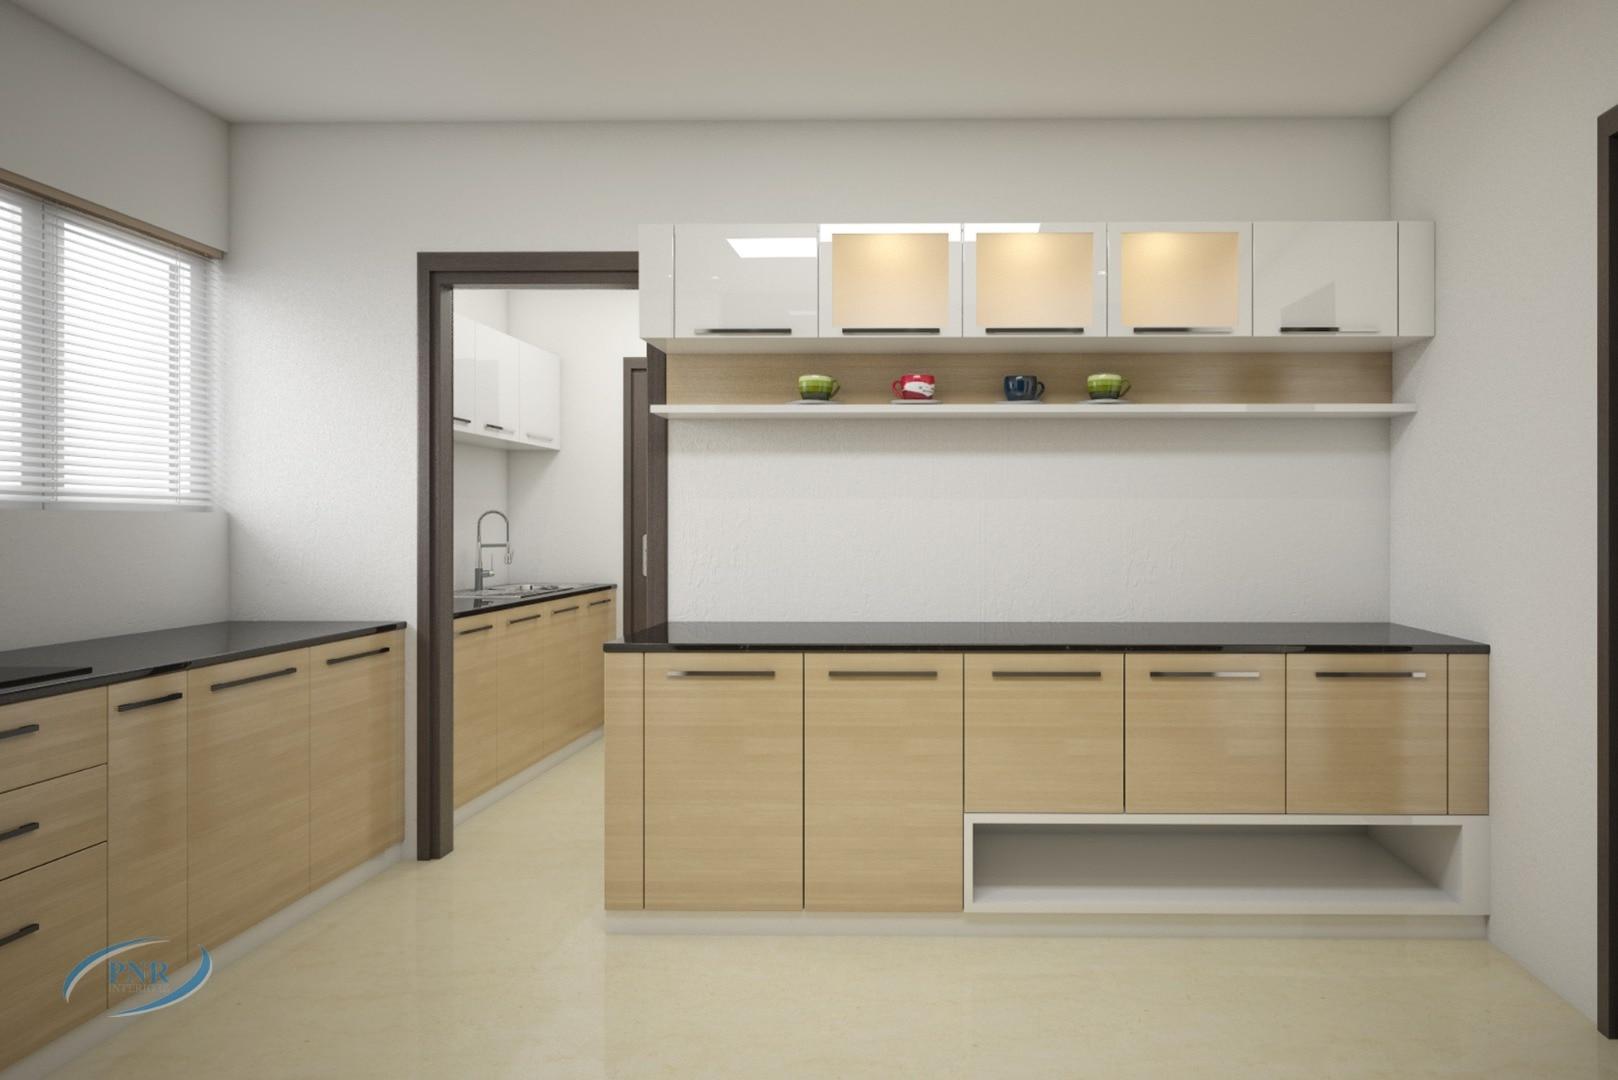 Pnr Interior Solutions Pvt. Ltd.